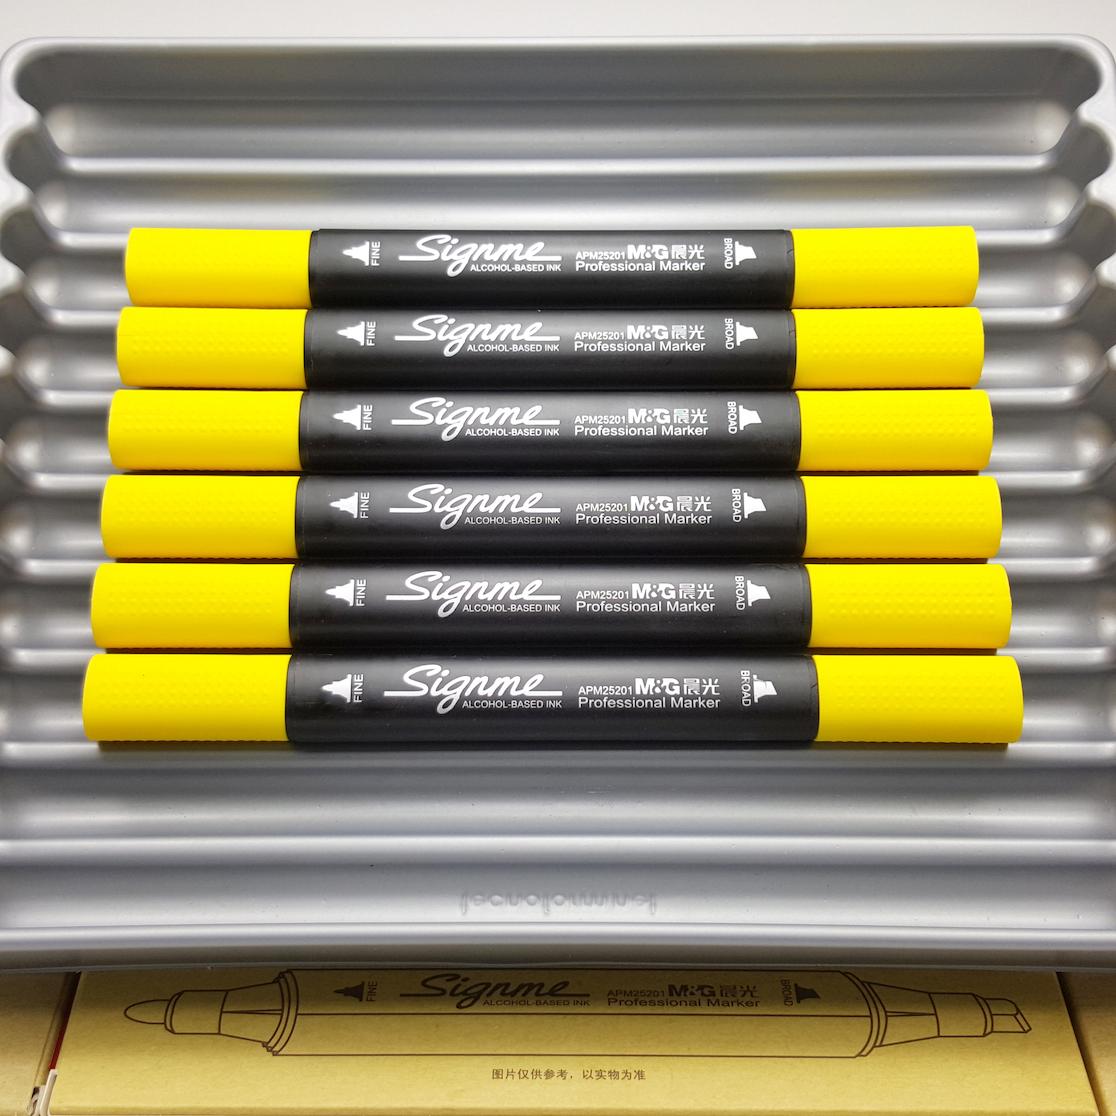 ปากกามาร์คเกอร์ไซน์มิ Signme Professional Marker - #044